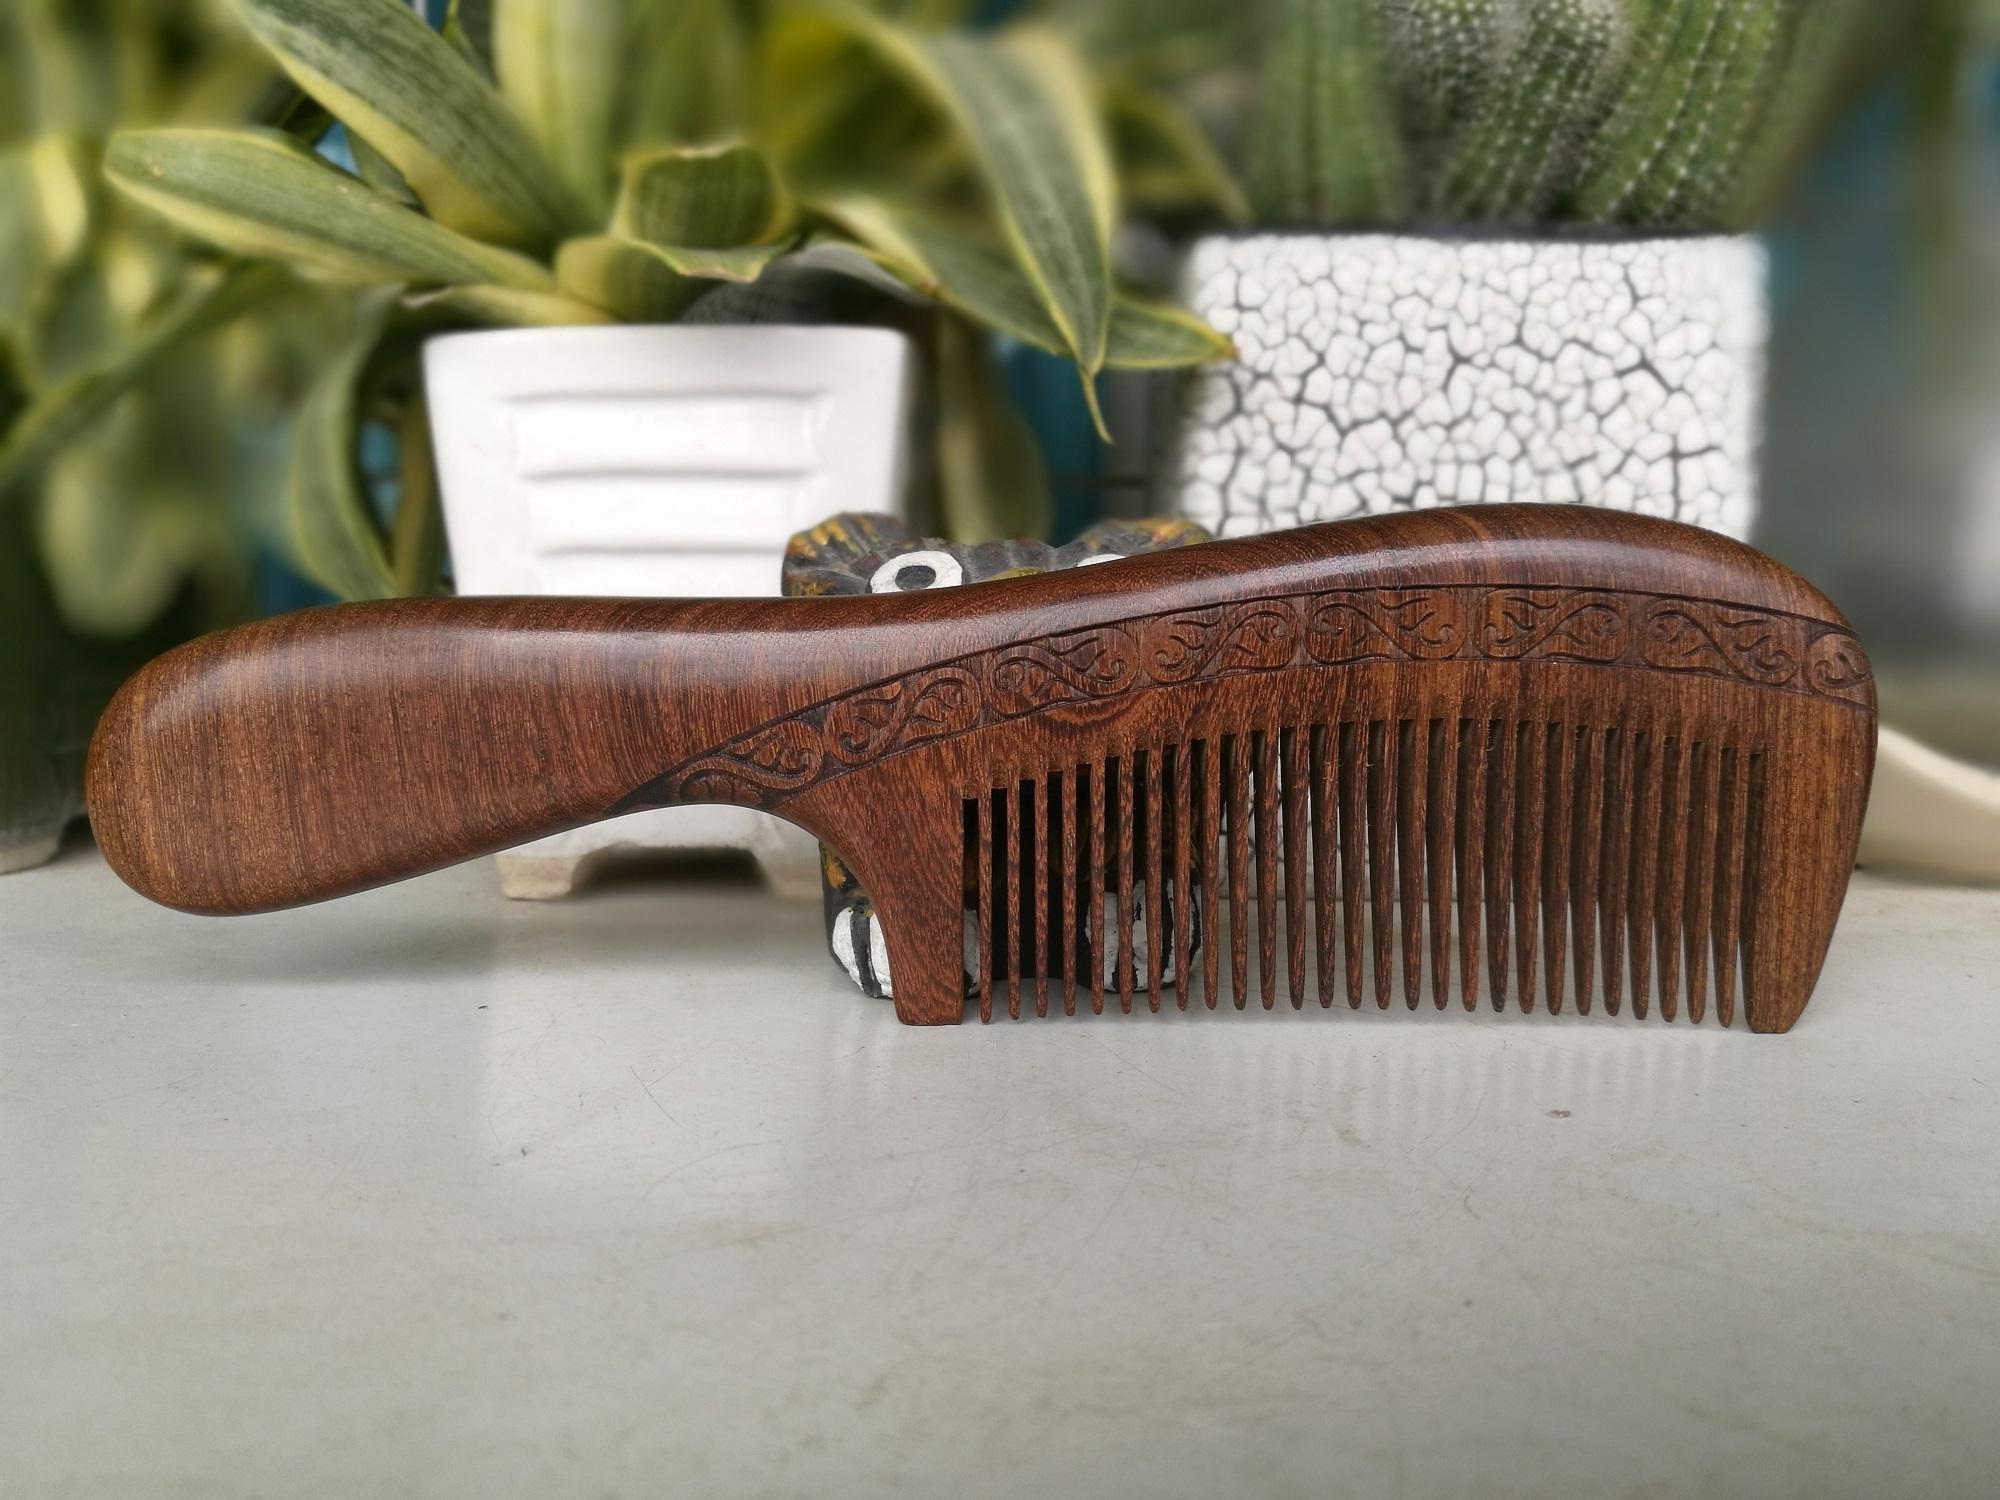 Lược gỗ đàn hương trạm khắc thủ công hai mặt 1803 thatchatstore